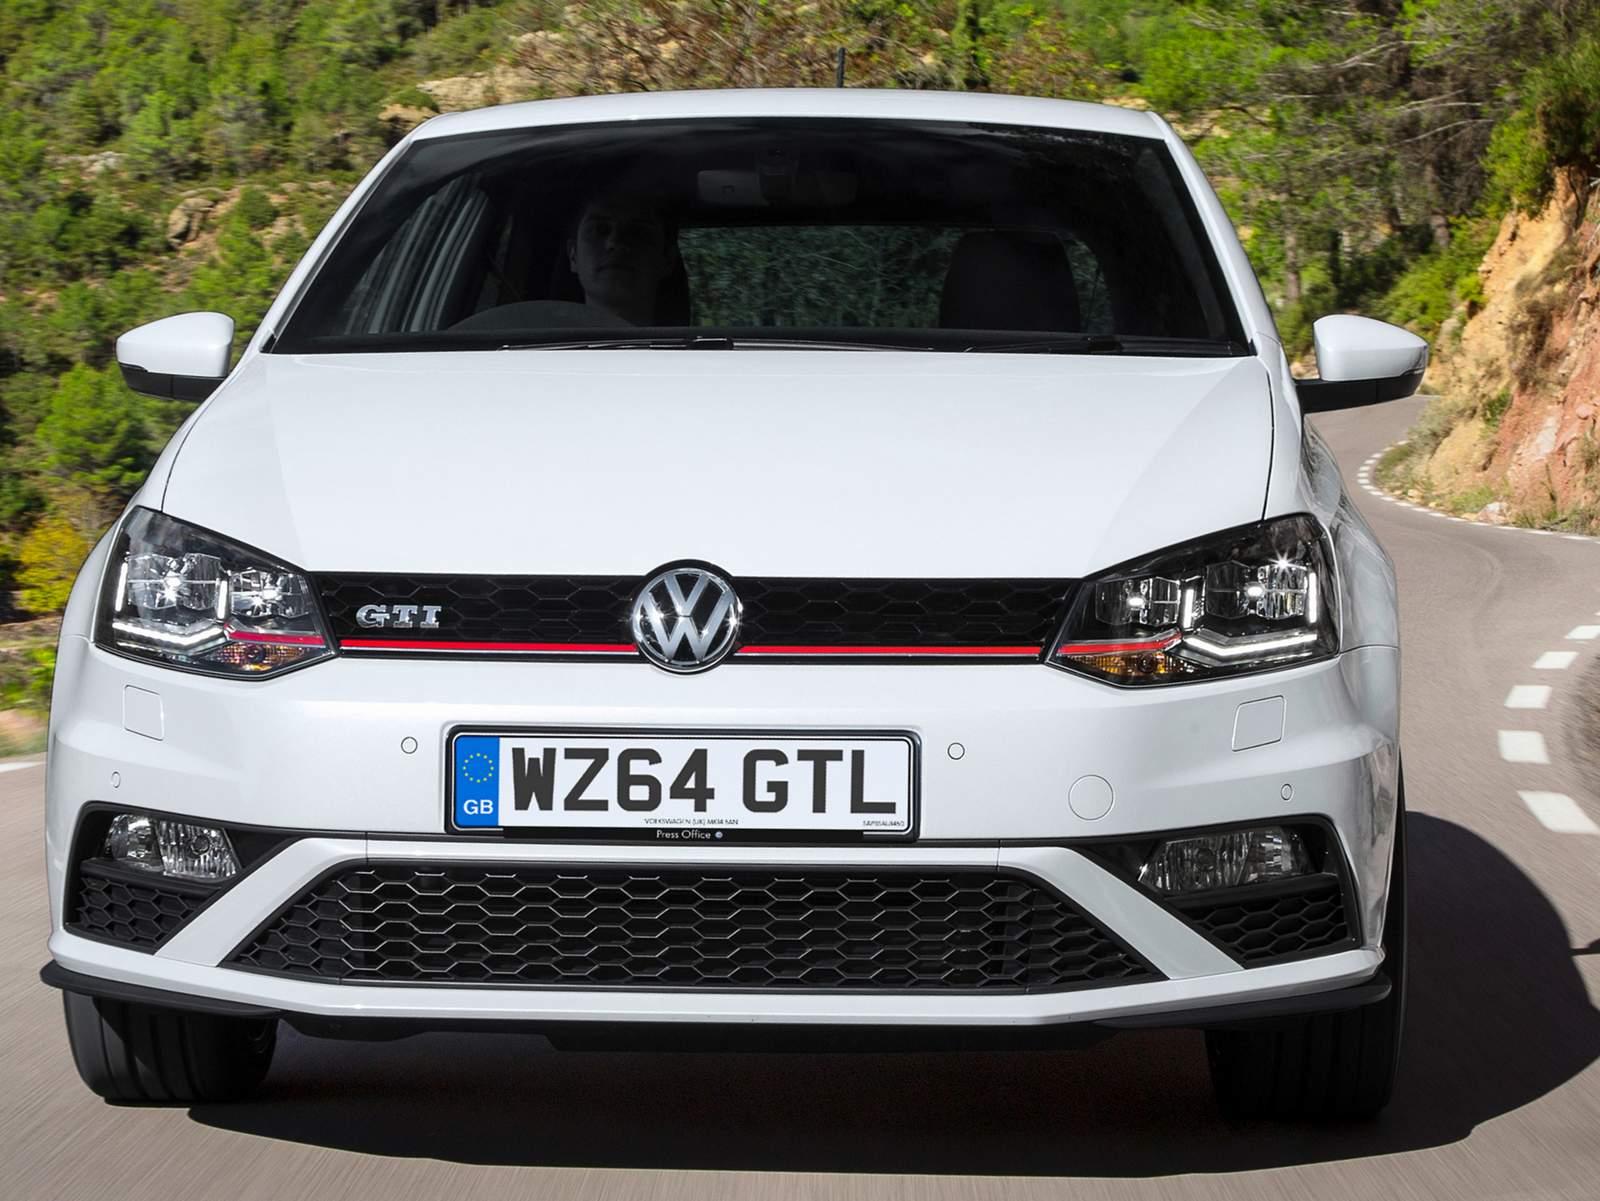 VW Polo GTI  preço equivalente a R  79.735 a33df61c12f75